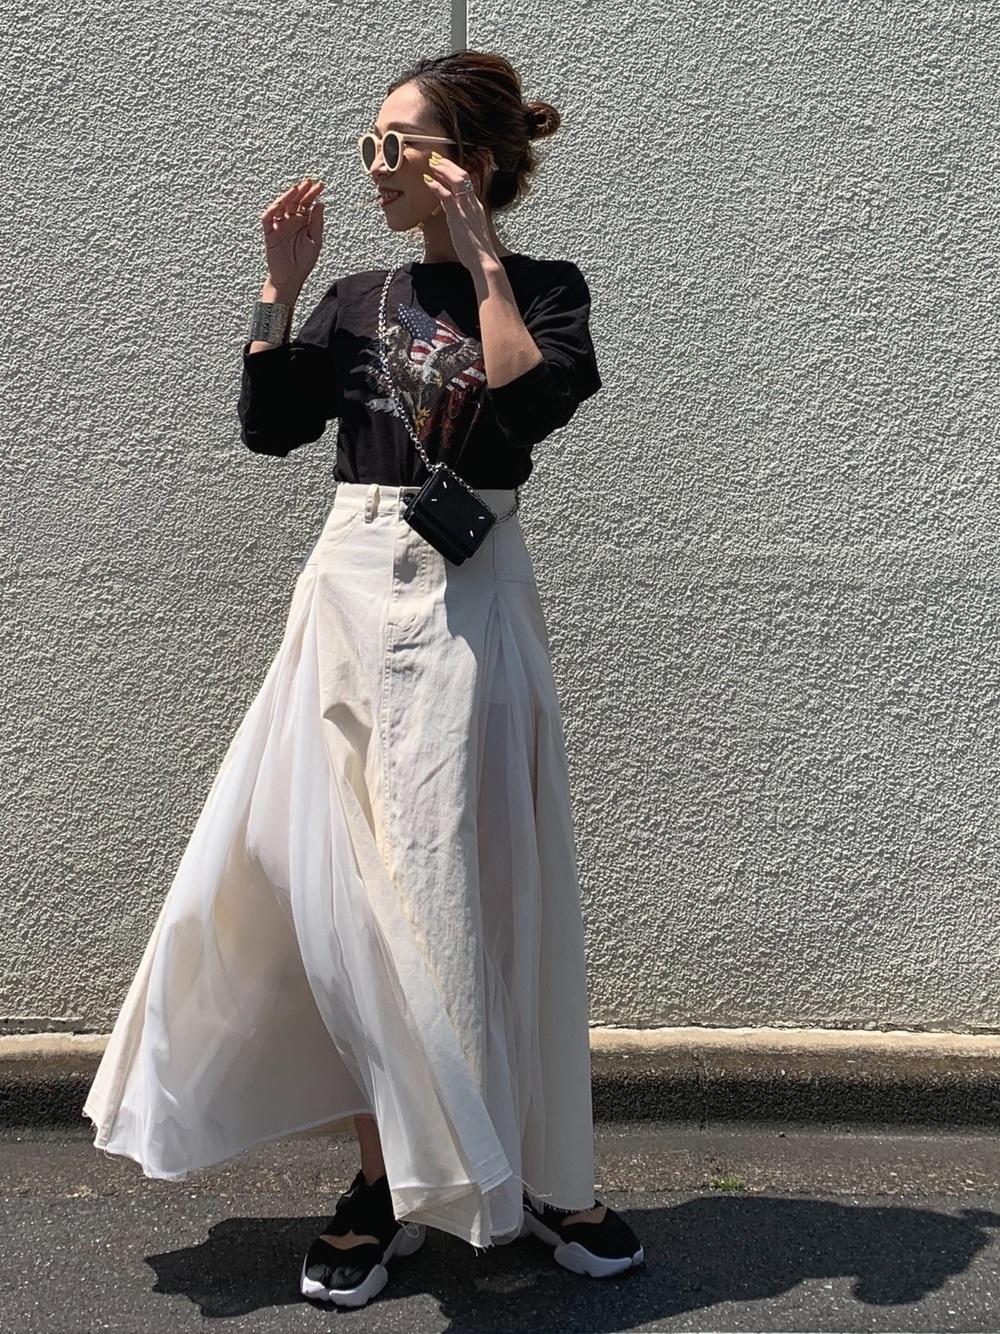 1|ホワイト系スカートで甘い大人のコーデ